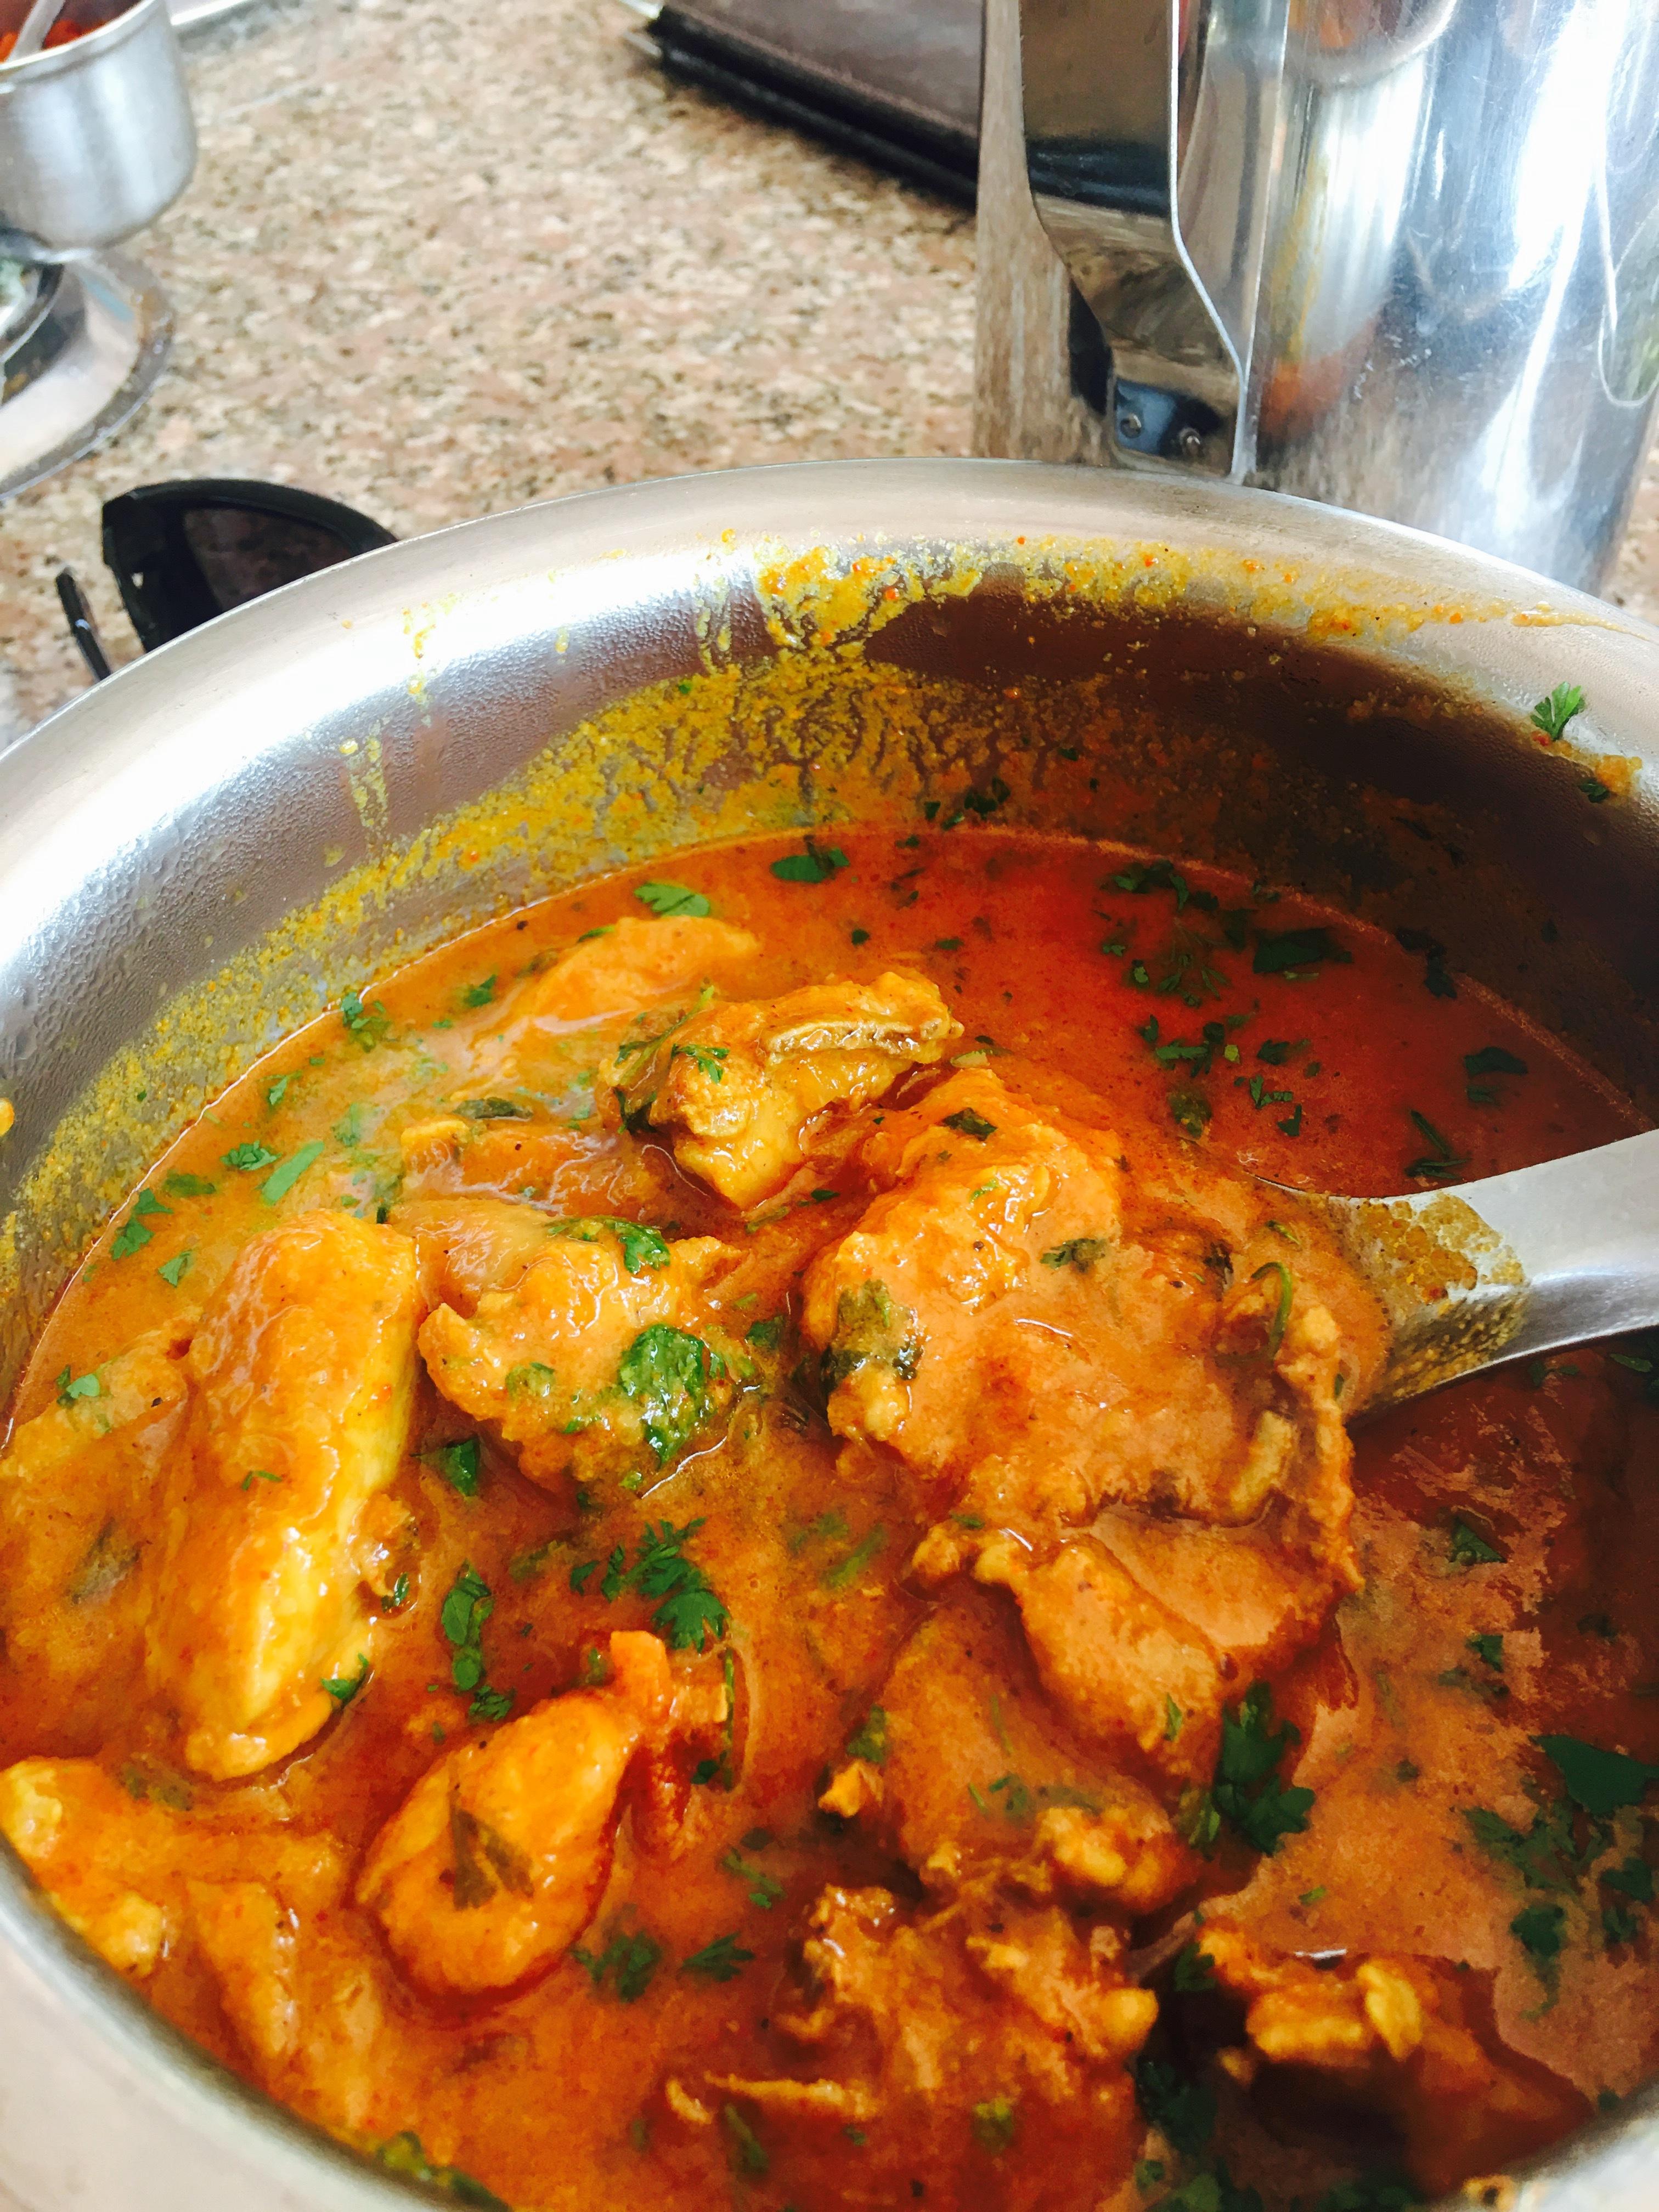 Gavthi chicken 🍗 at Mahabaleshwar just awesomeness